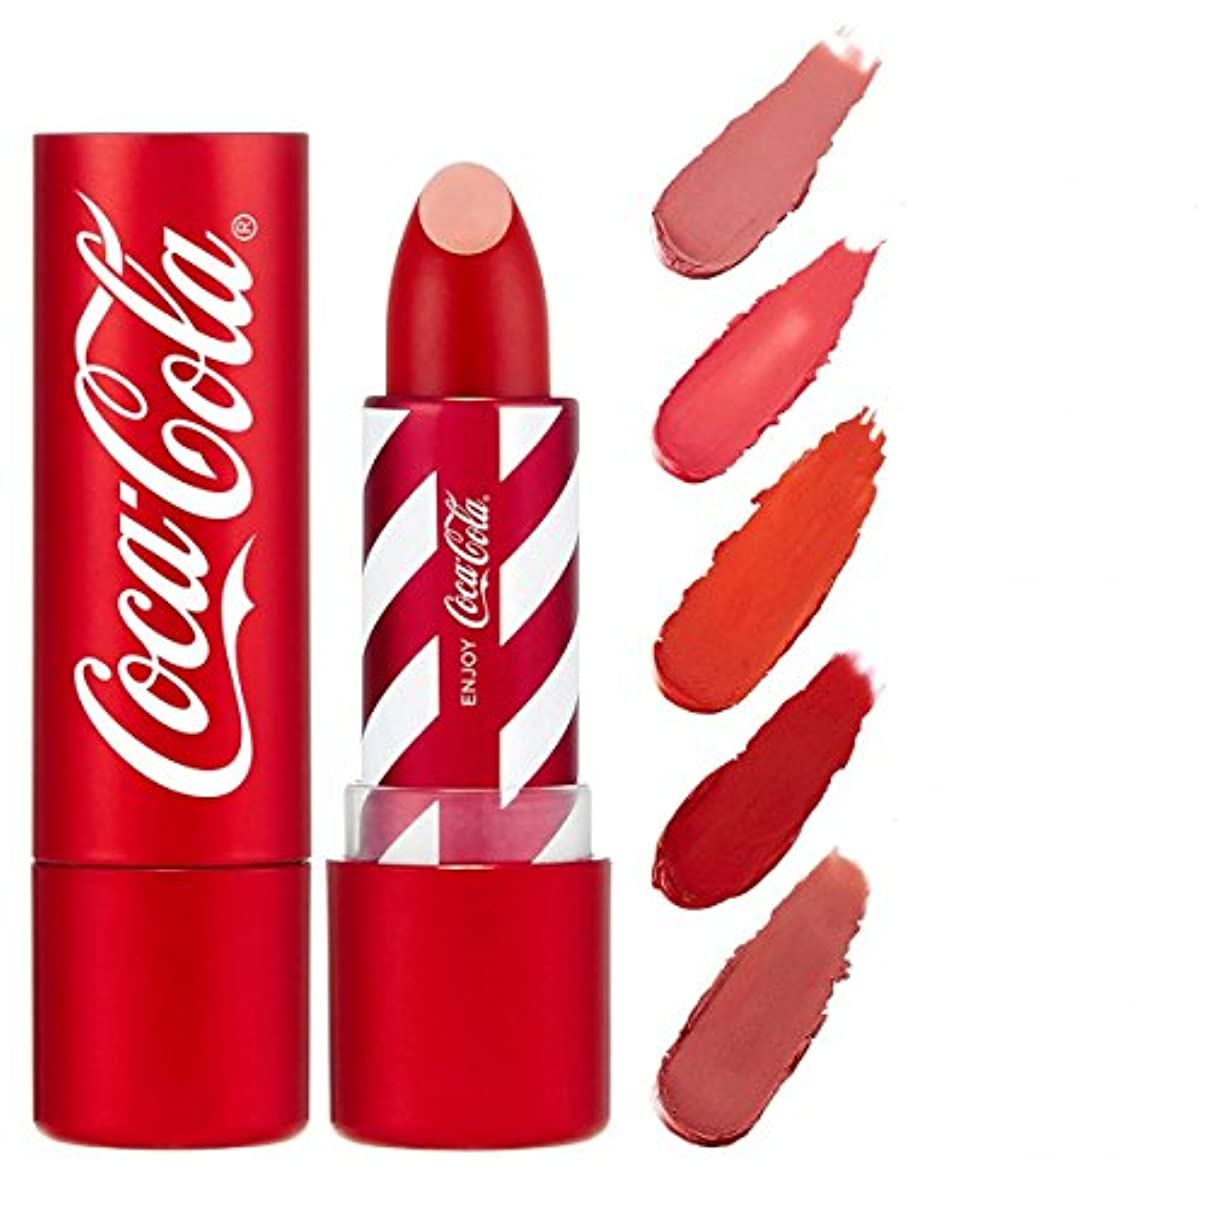 パイプラインモチーフローストコカ?コーラ×THE FACE SHOP リップスティック ~ コカ?コーラ公式グッズ 04 COKE RED